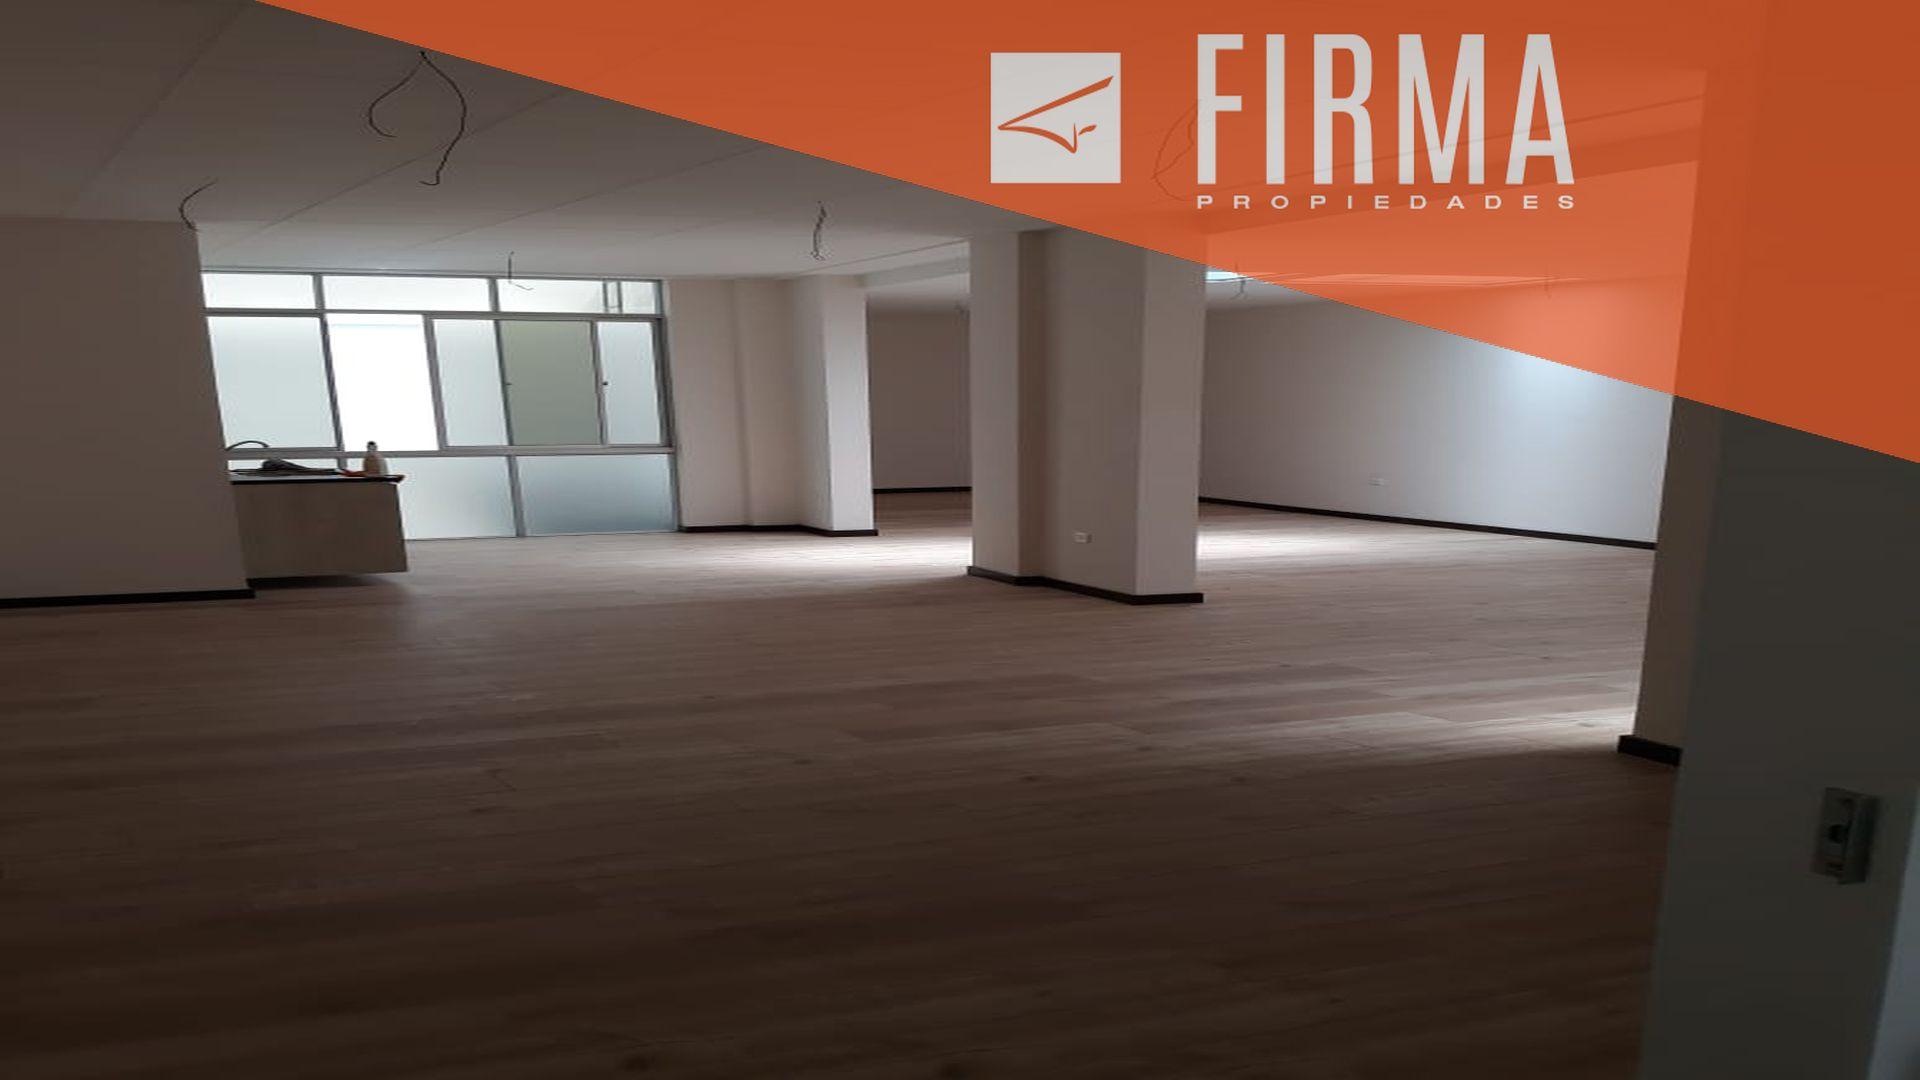 Oficina en Venta FOV23927 – COMPRA TU OFICINA EN CALACOTO Foto 2